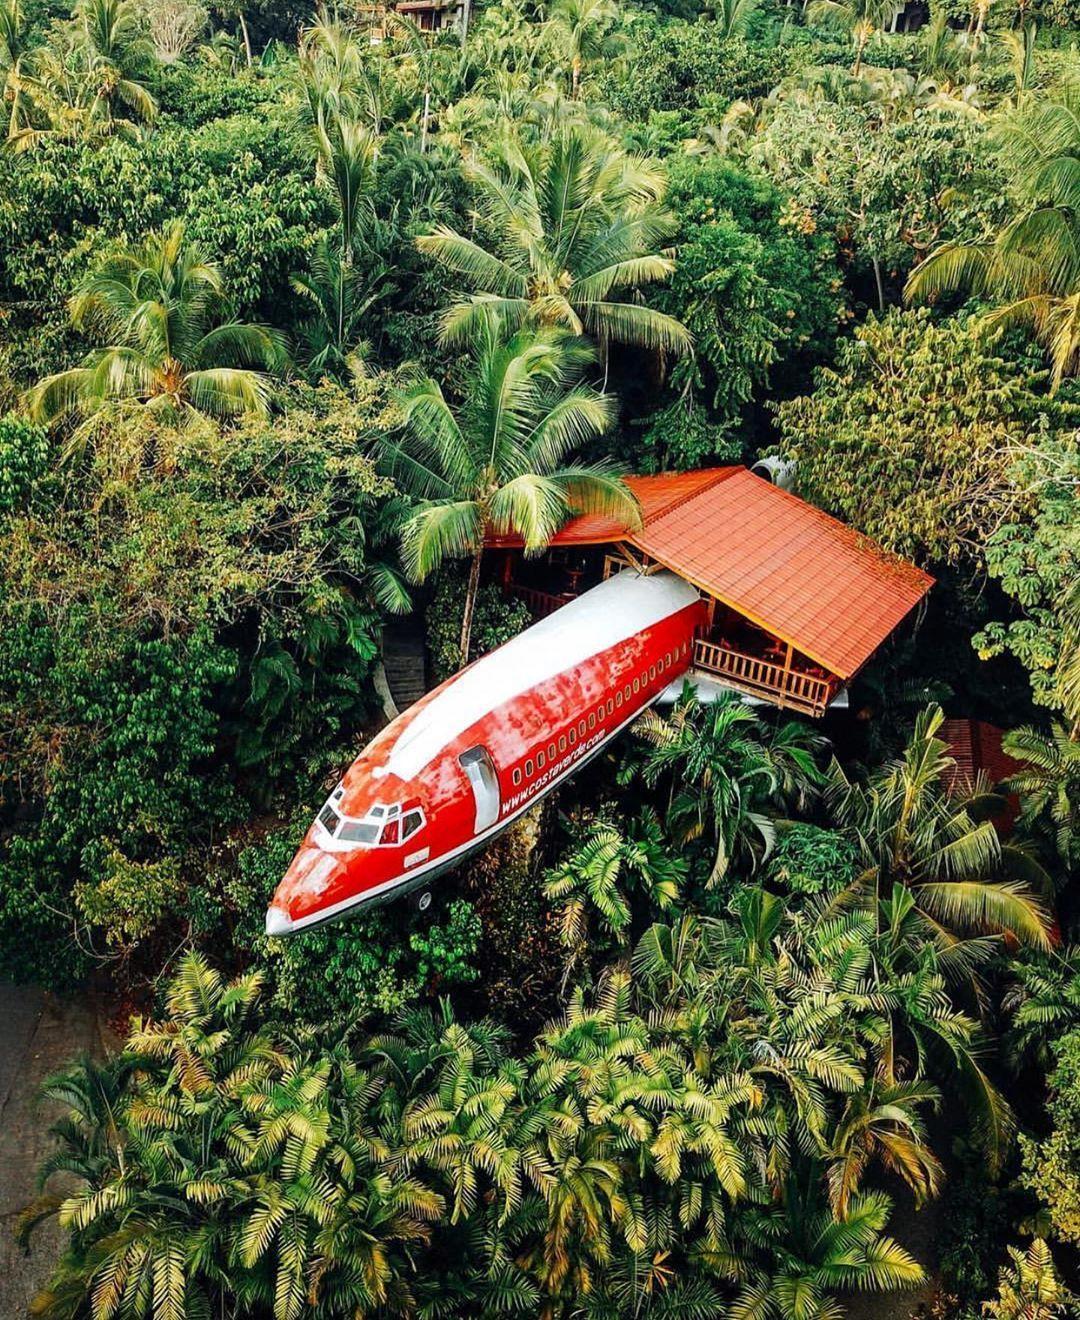 Thức giấc giữa rừng trên chuyến bay không bao giờ khởi hành Ảnh 2